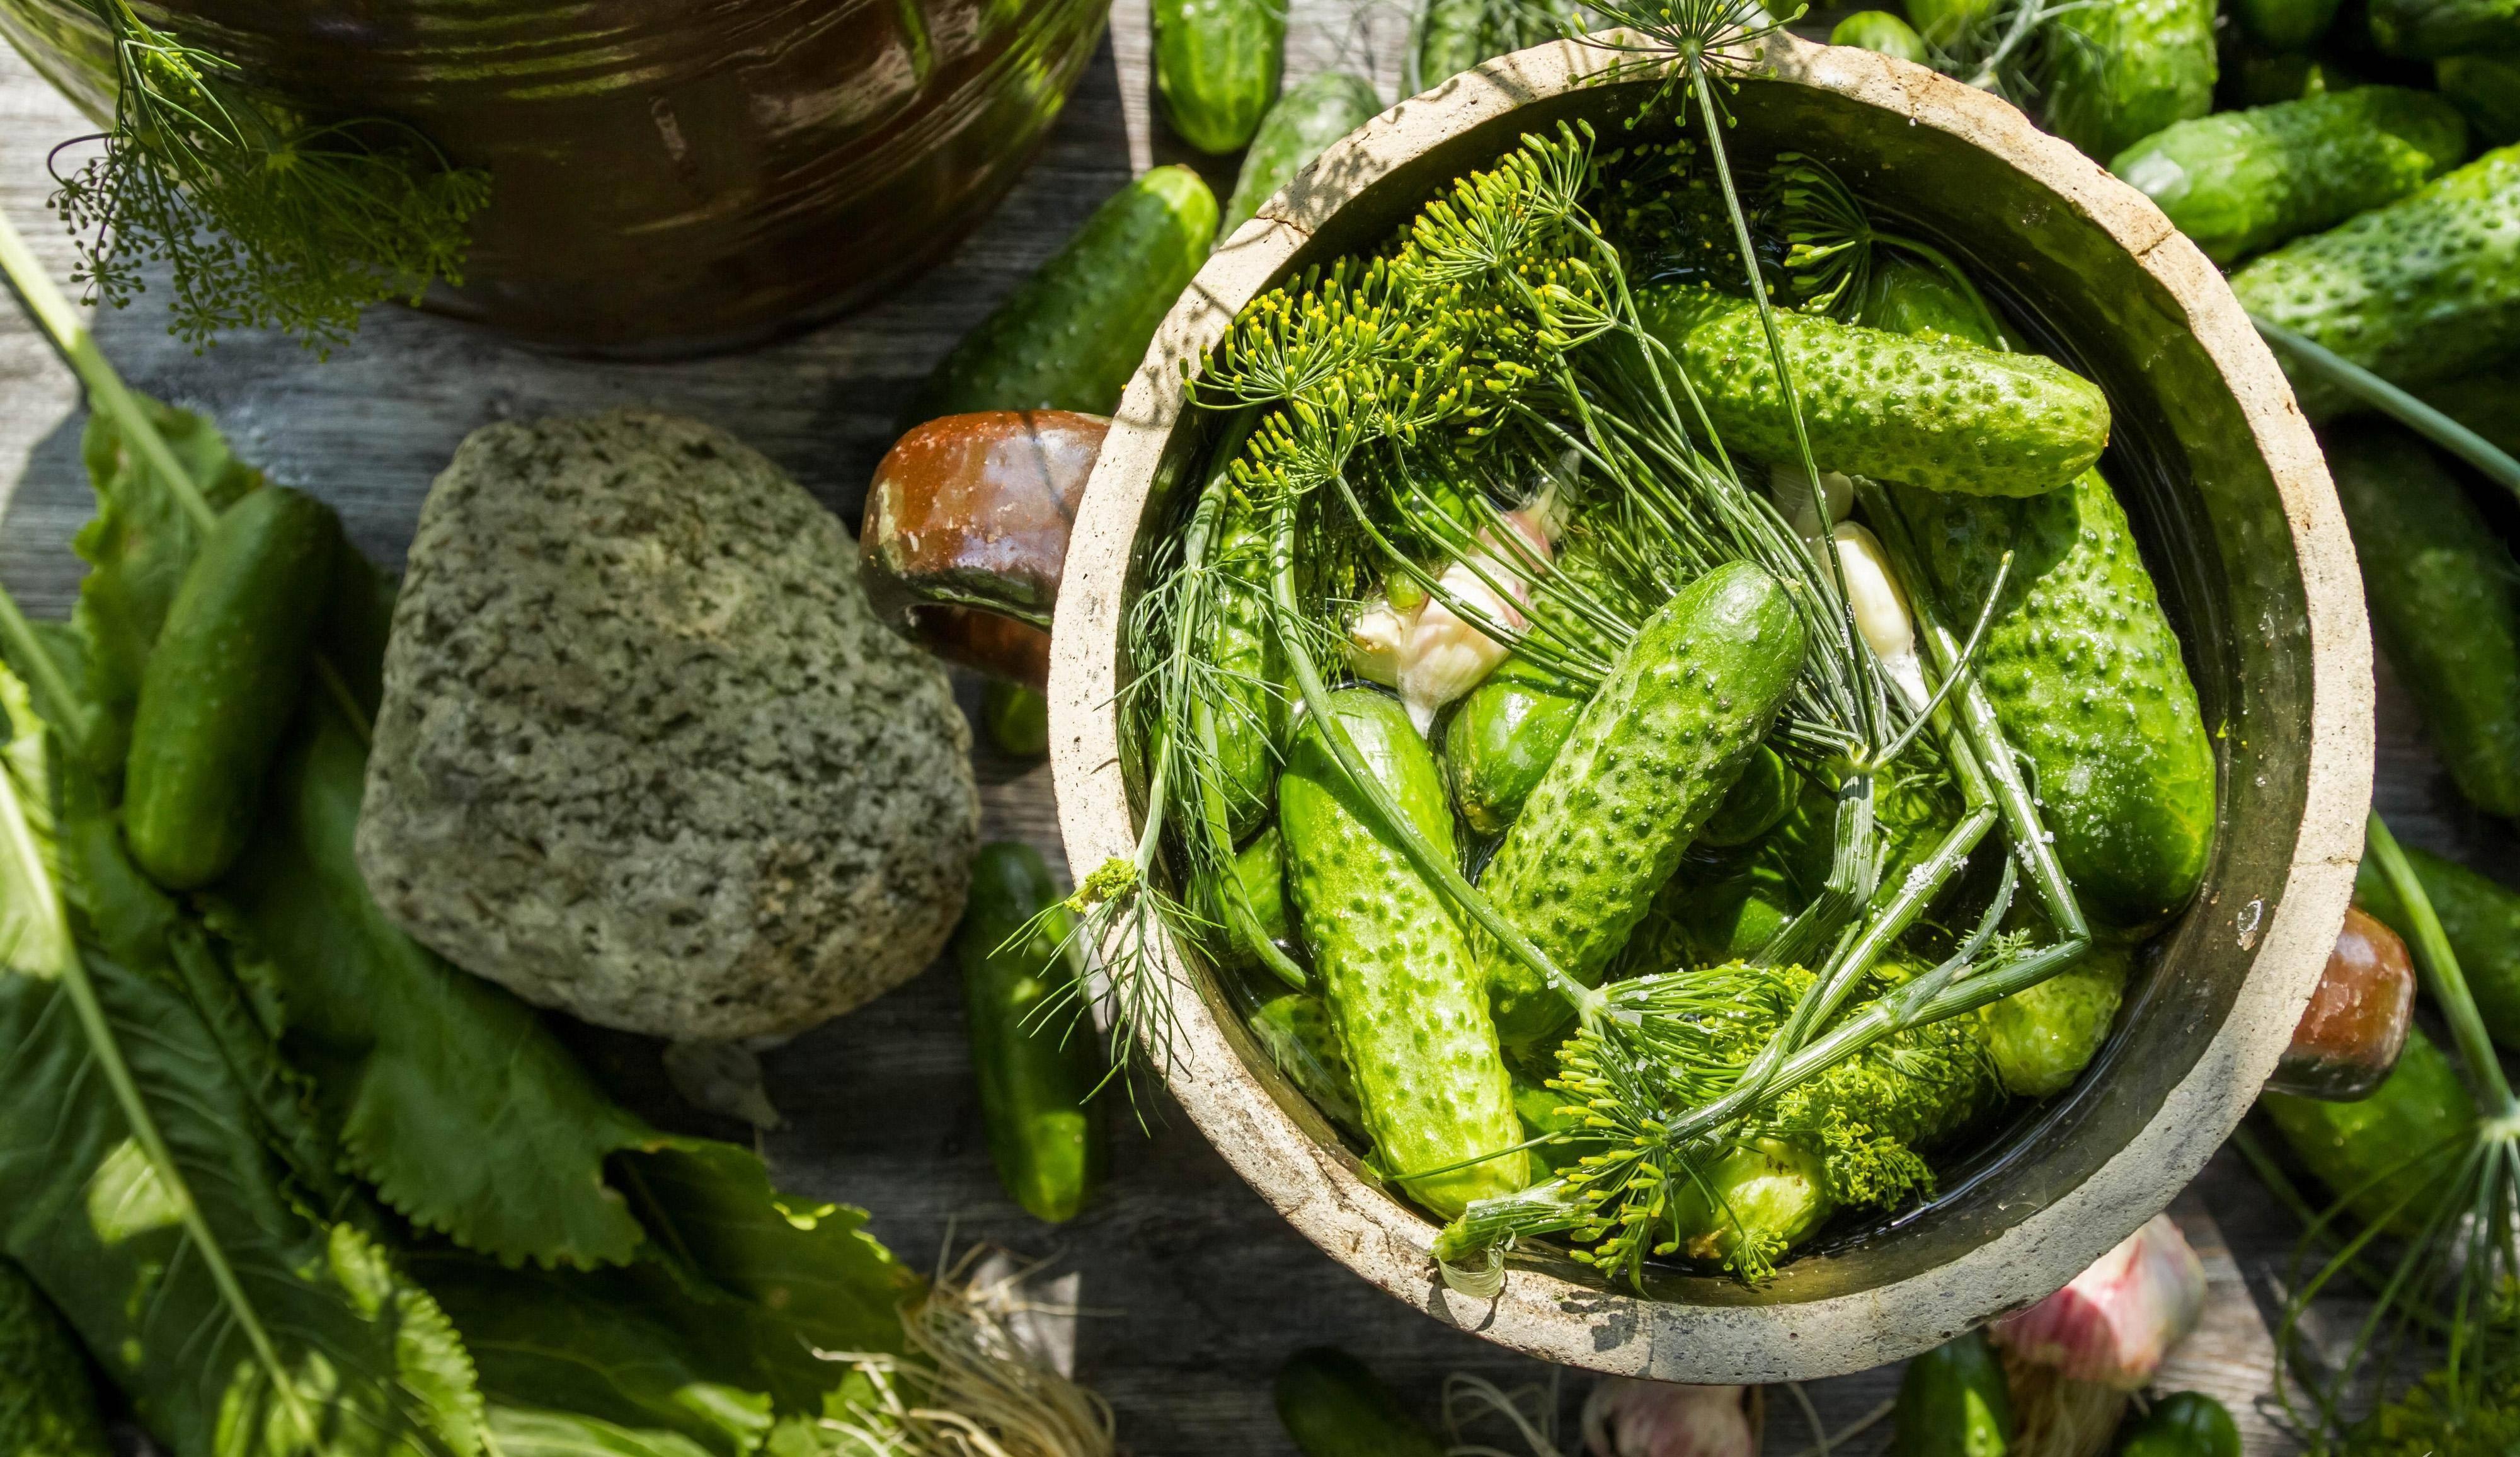 Лучшие самоопыляемые сорта огурцов для засолки и консервации, описание и нюансы выращивания.